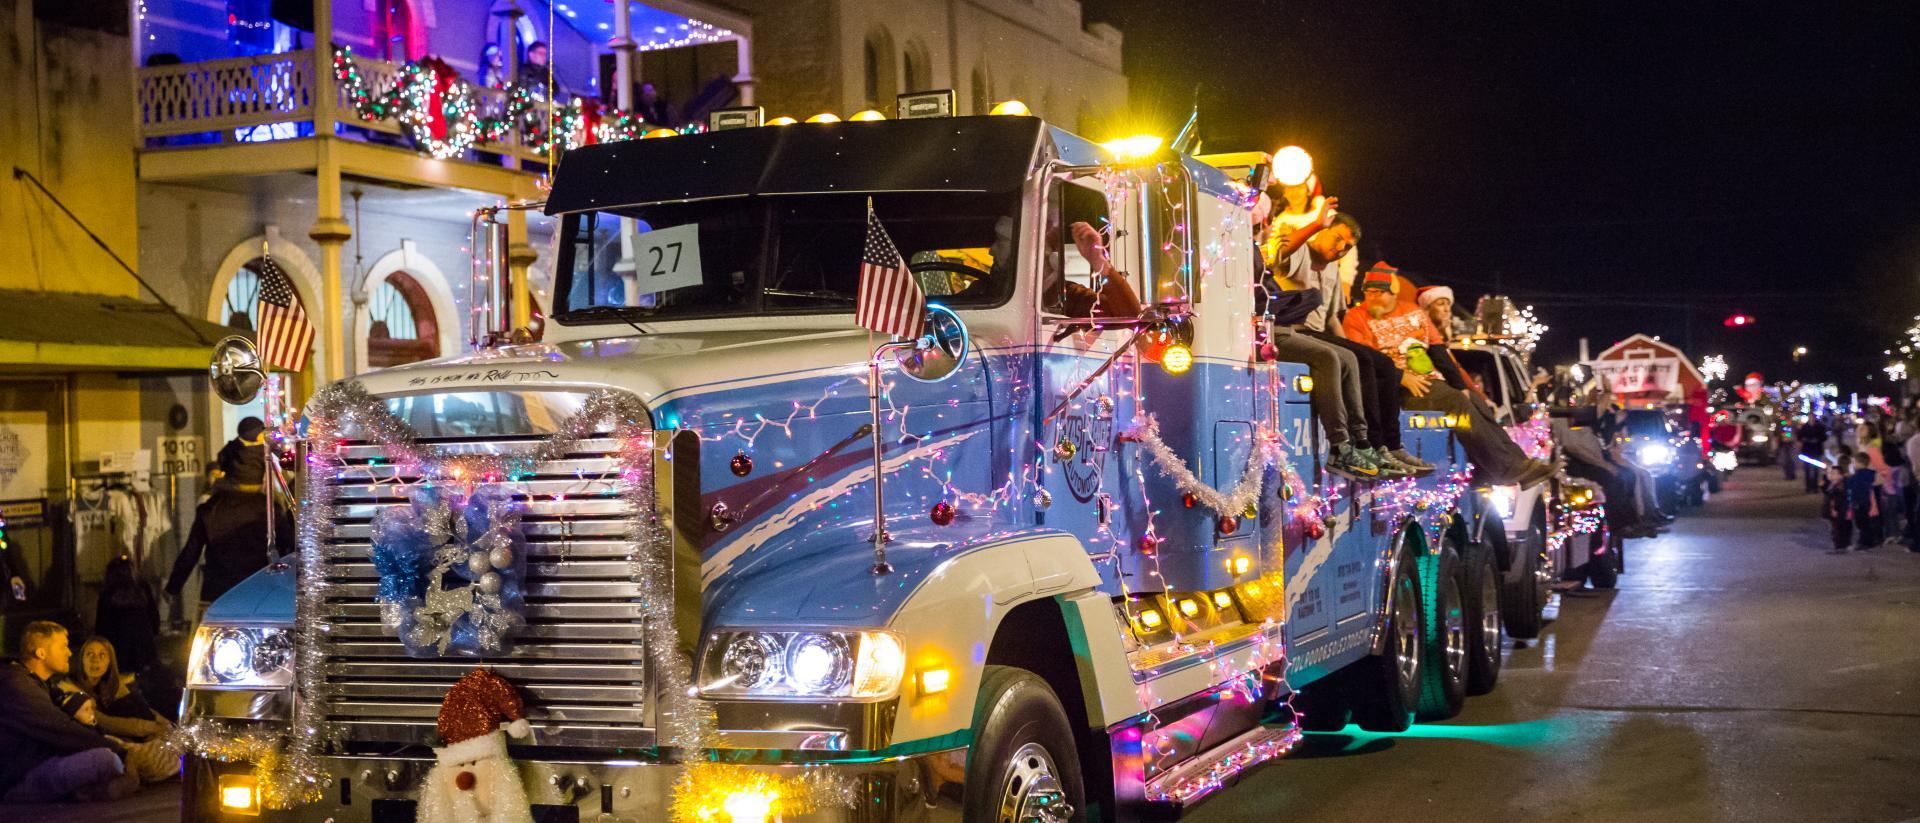 Bastrop Christmas Parade 2020 Bastrop Texas Christmas Parade 2020   Rcxgdm.topnewyear.site